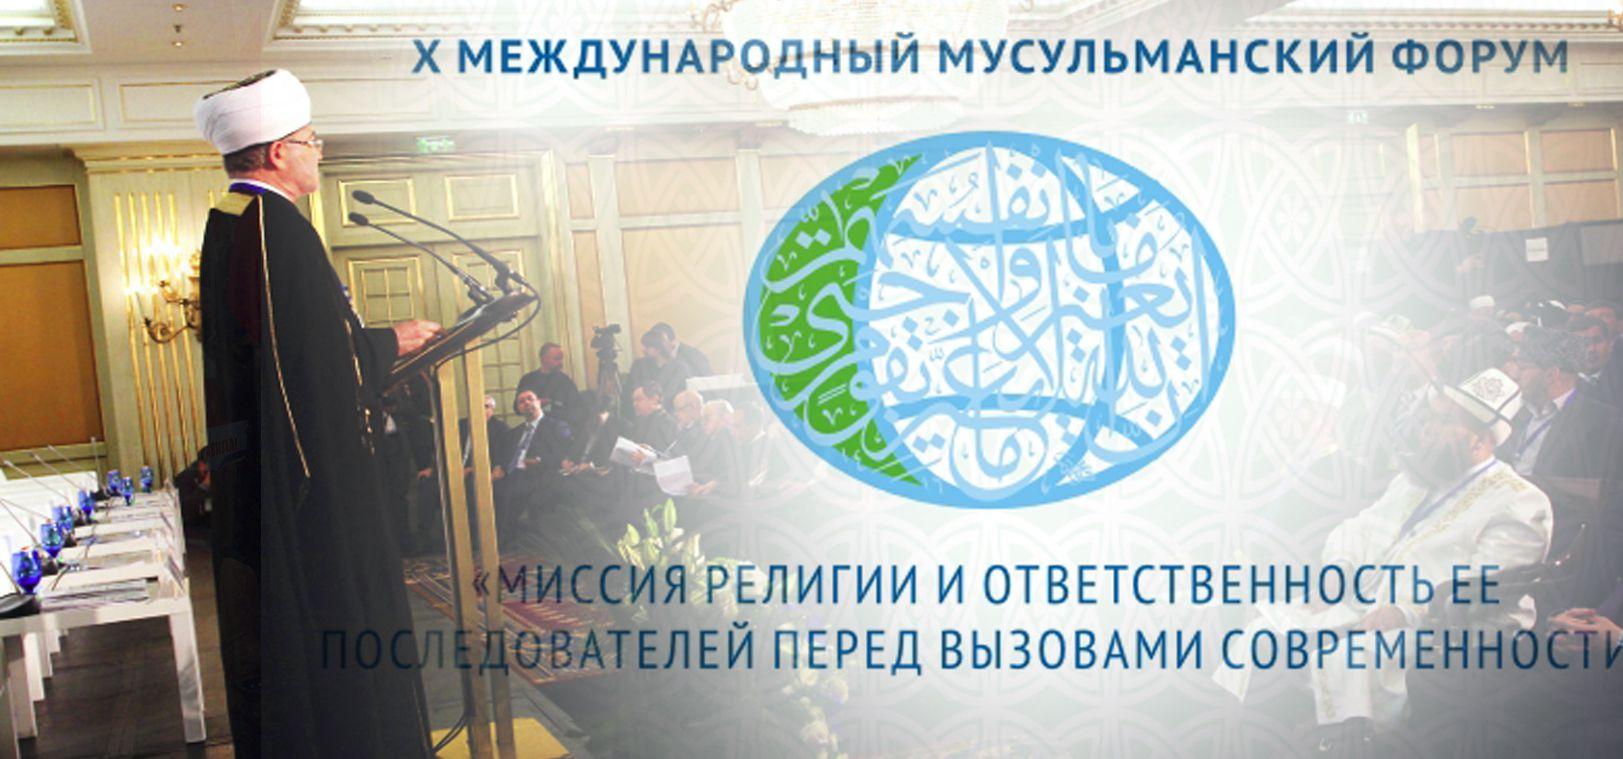 Azeri Sahar Tv | X Международный мусульманский форум прошел в Москве |